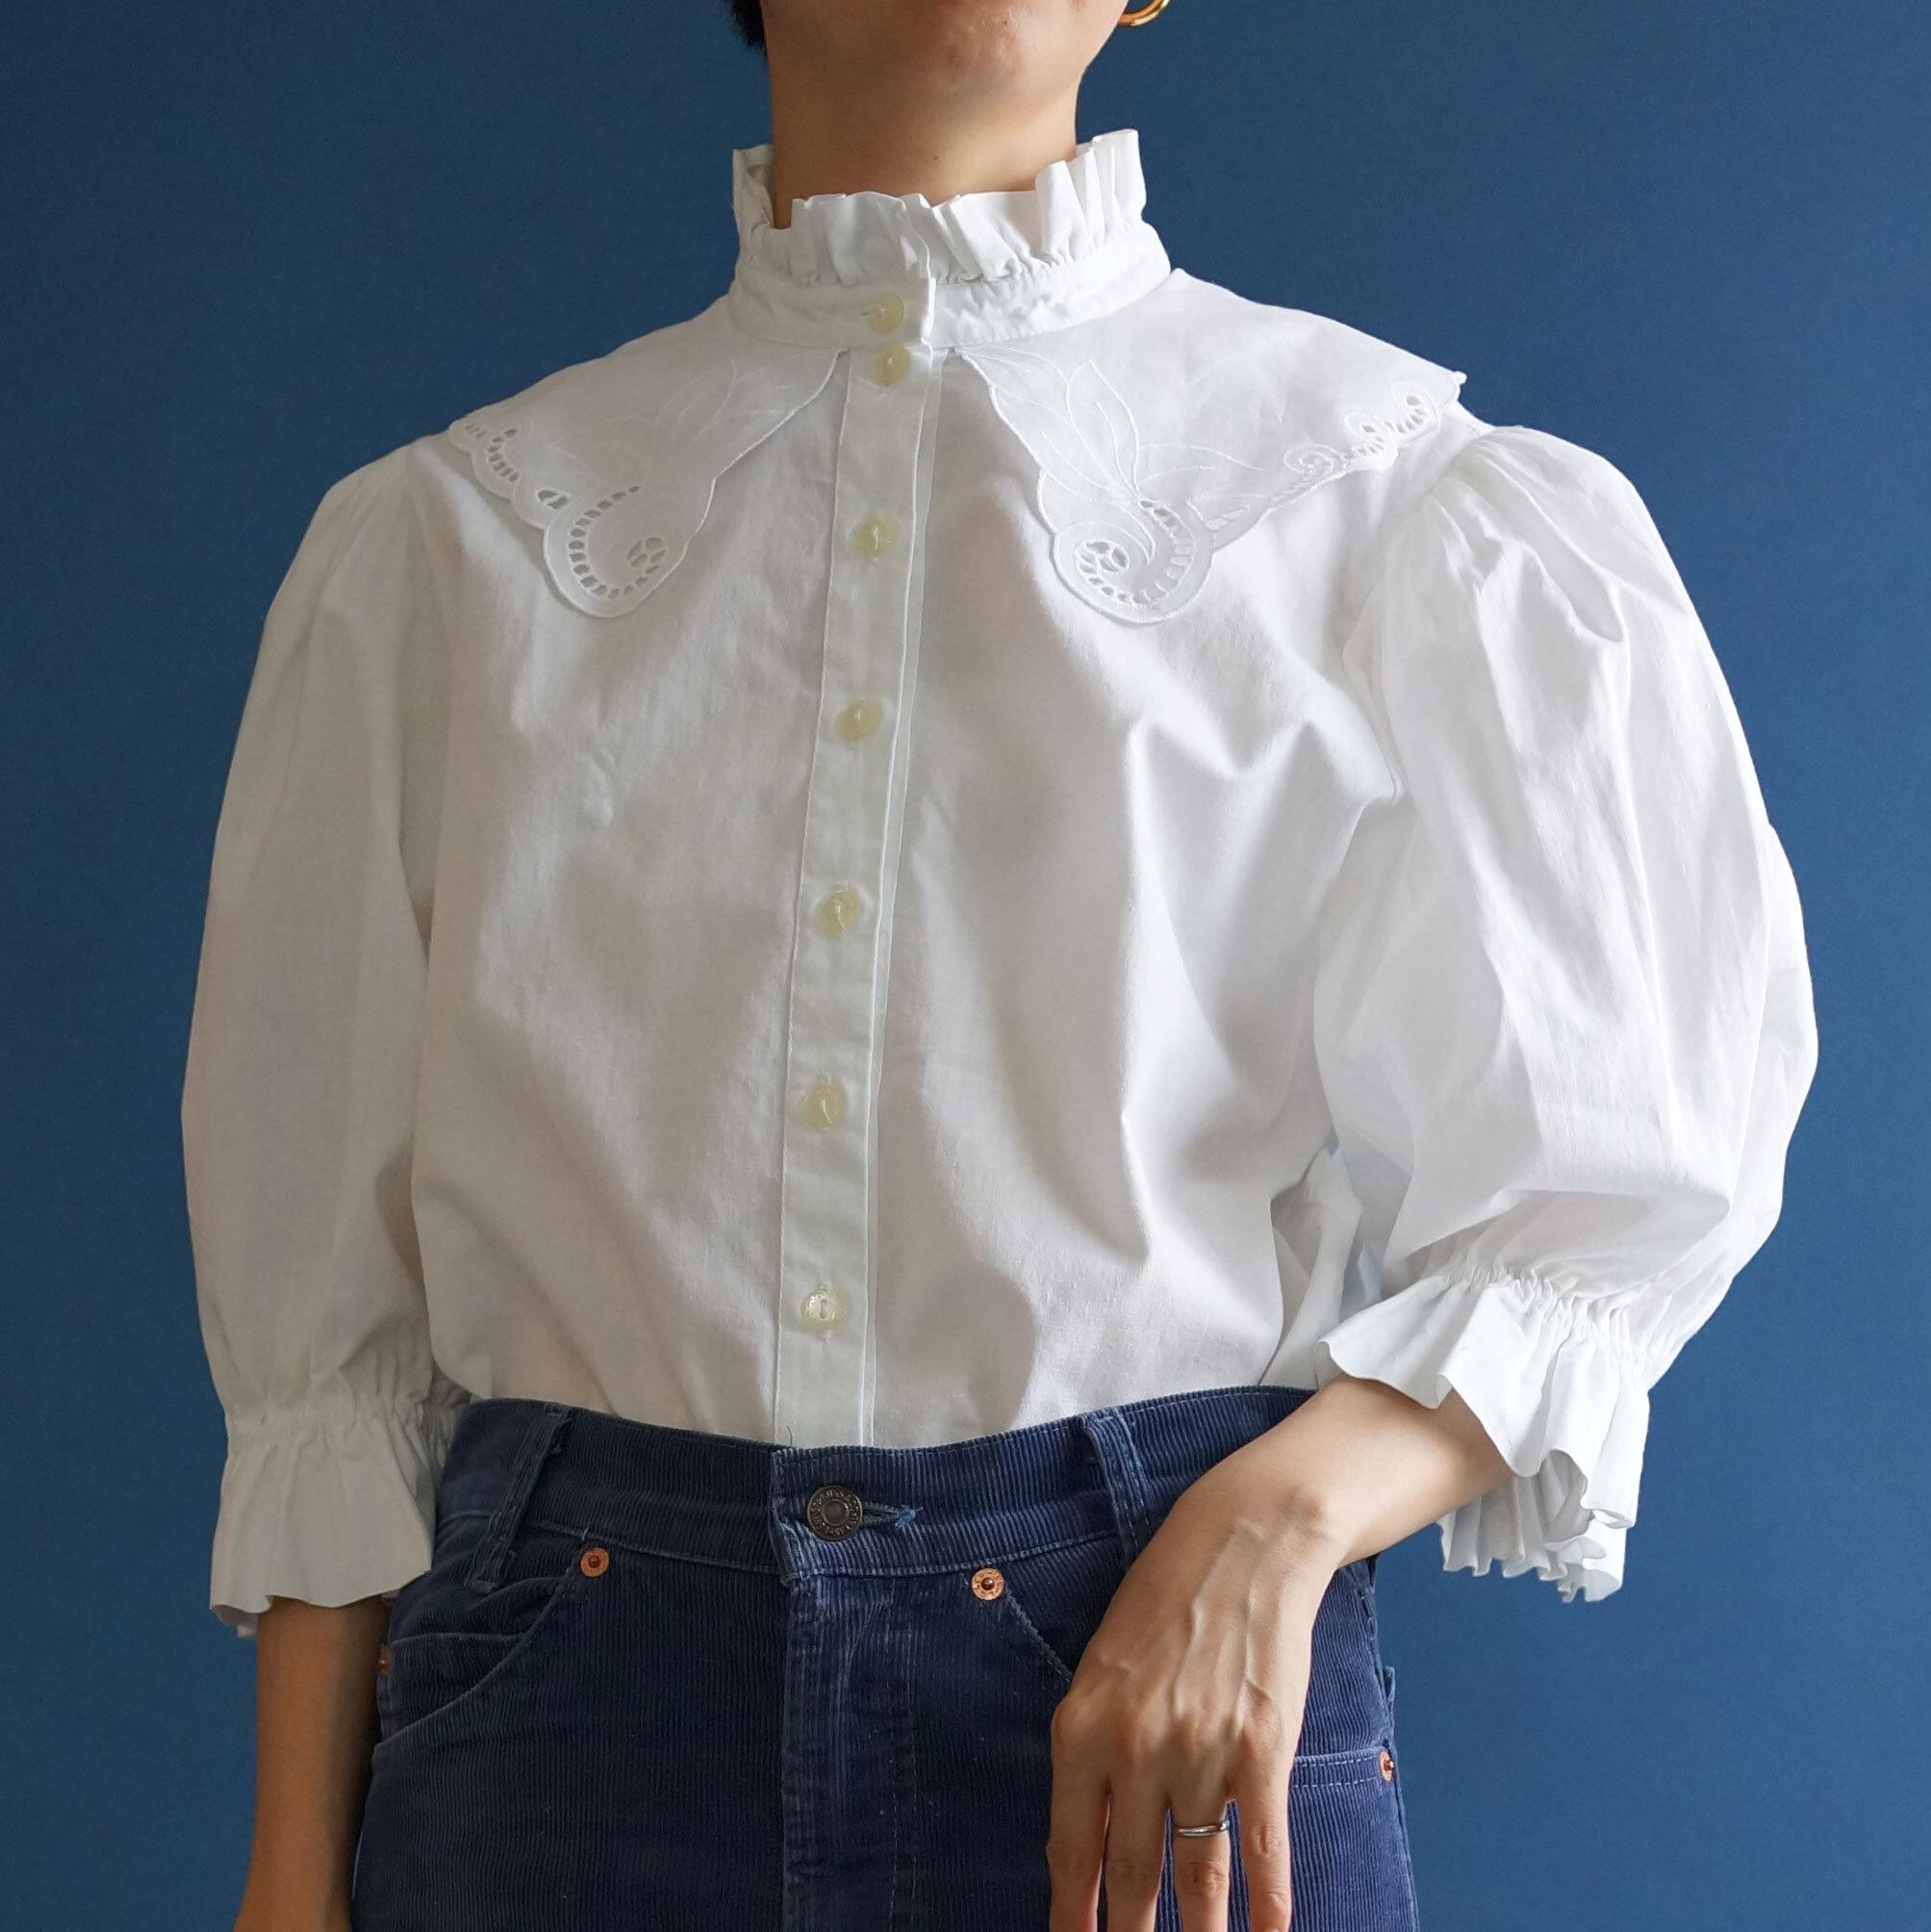 【送料無料】80's Vintage White Austrian Edwardian style Blouse(80年代 ヴィンテージ アンティーク 古着 レース ブラウス)